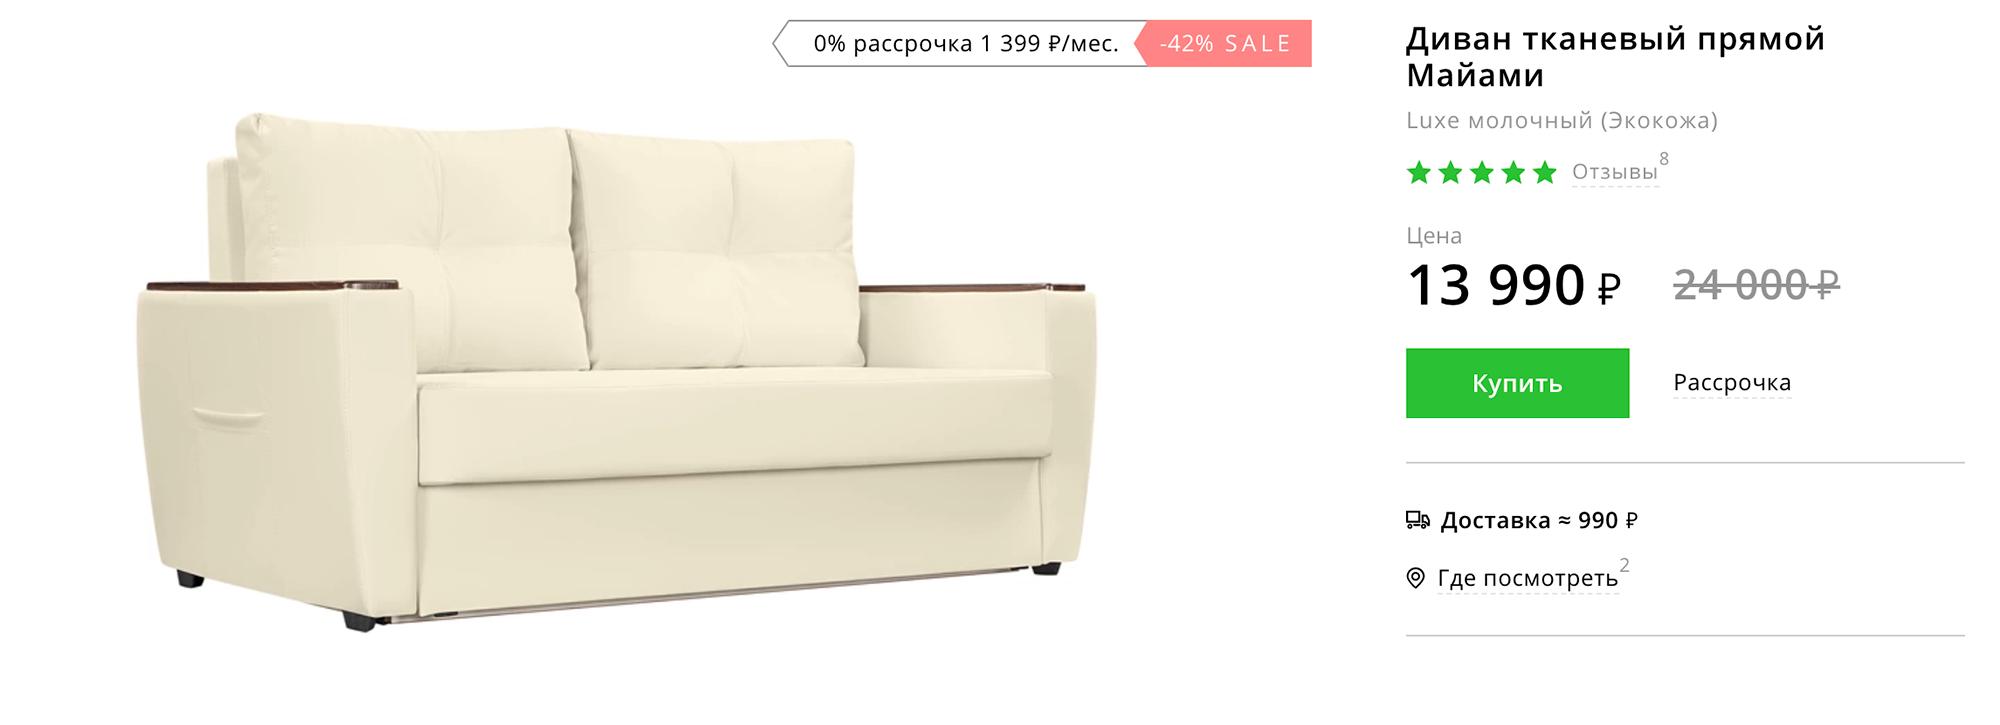 Это красивый, но недолговечный диван — обивка из экокожи быстро потеряет вид